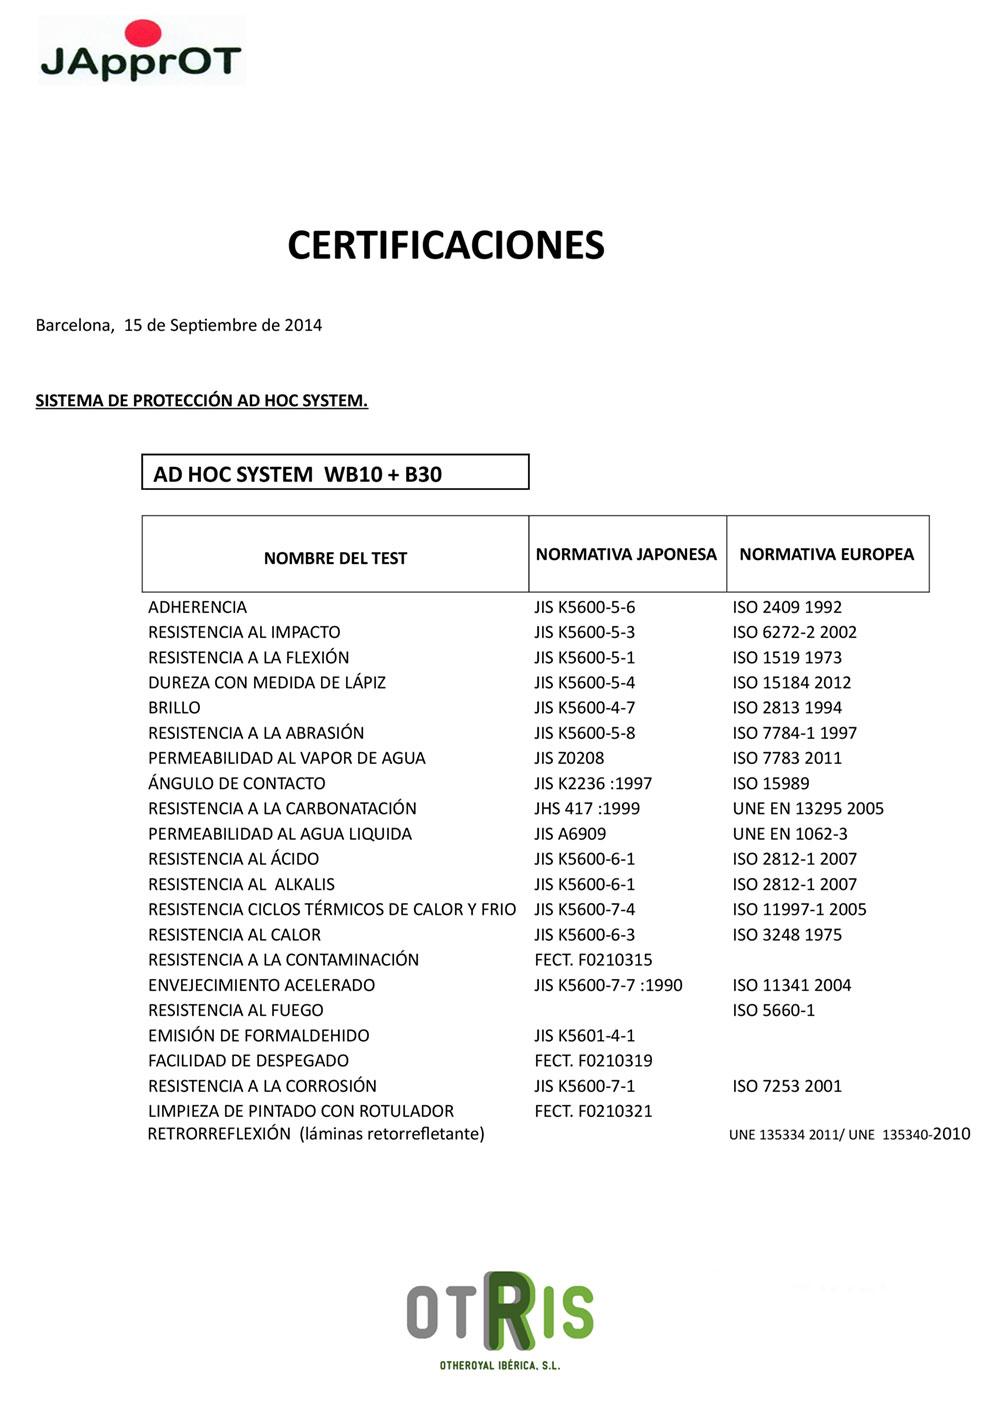 CERTIFICACIONES-WB10--B30-otris